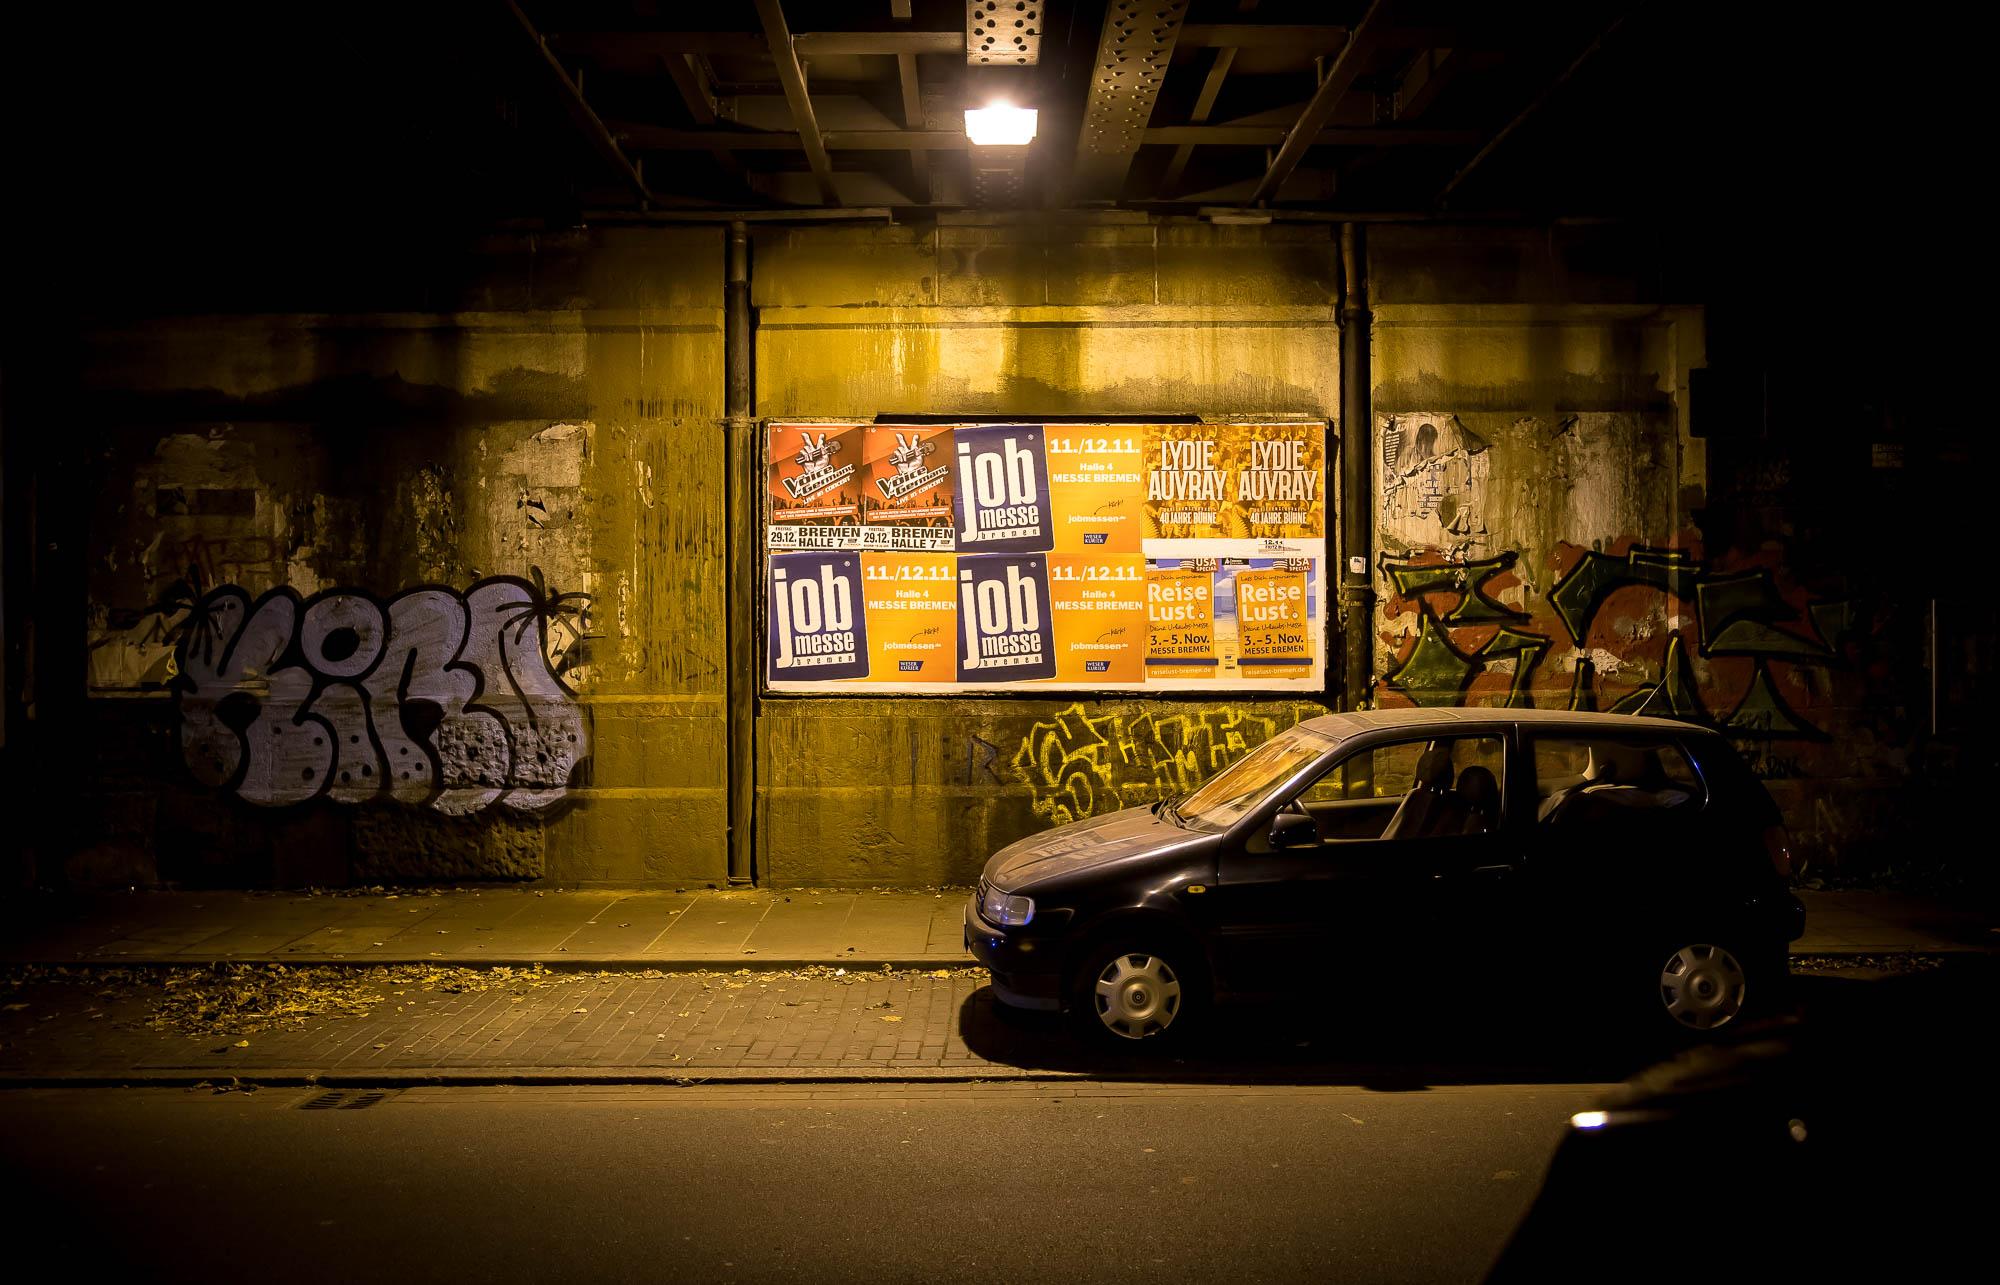 Nachts in der Stadt...